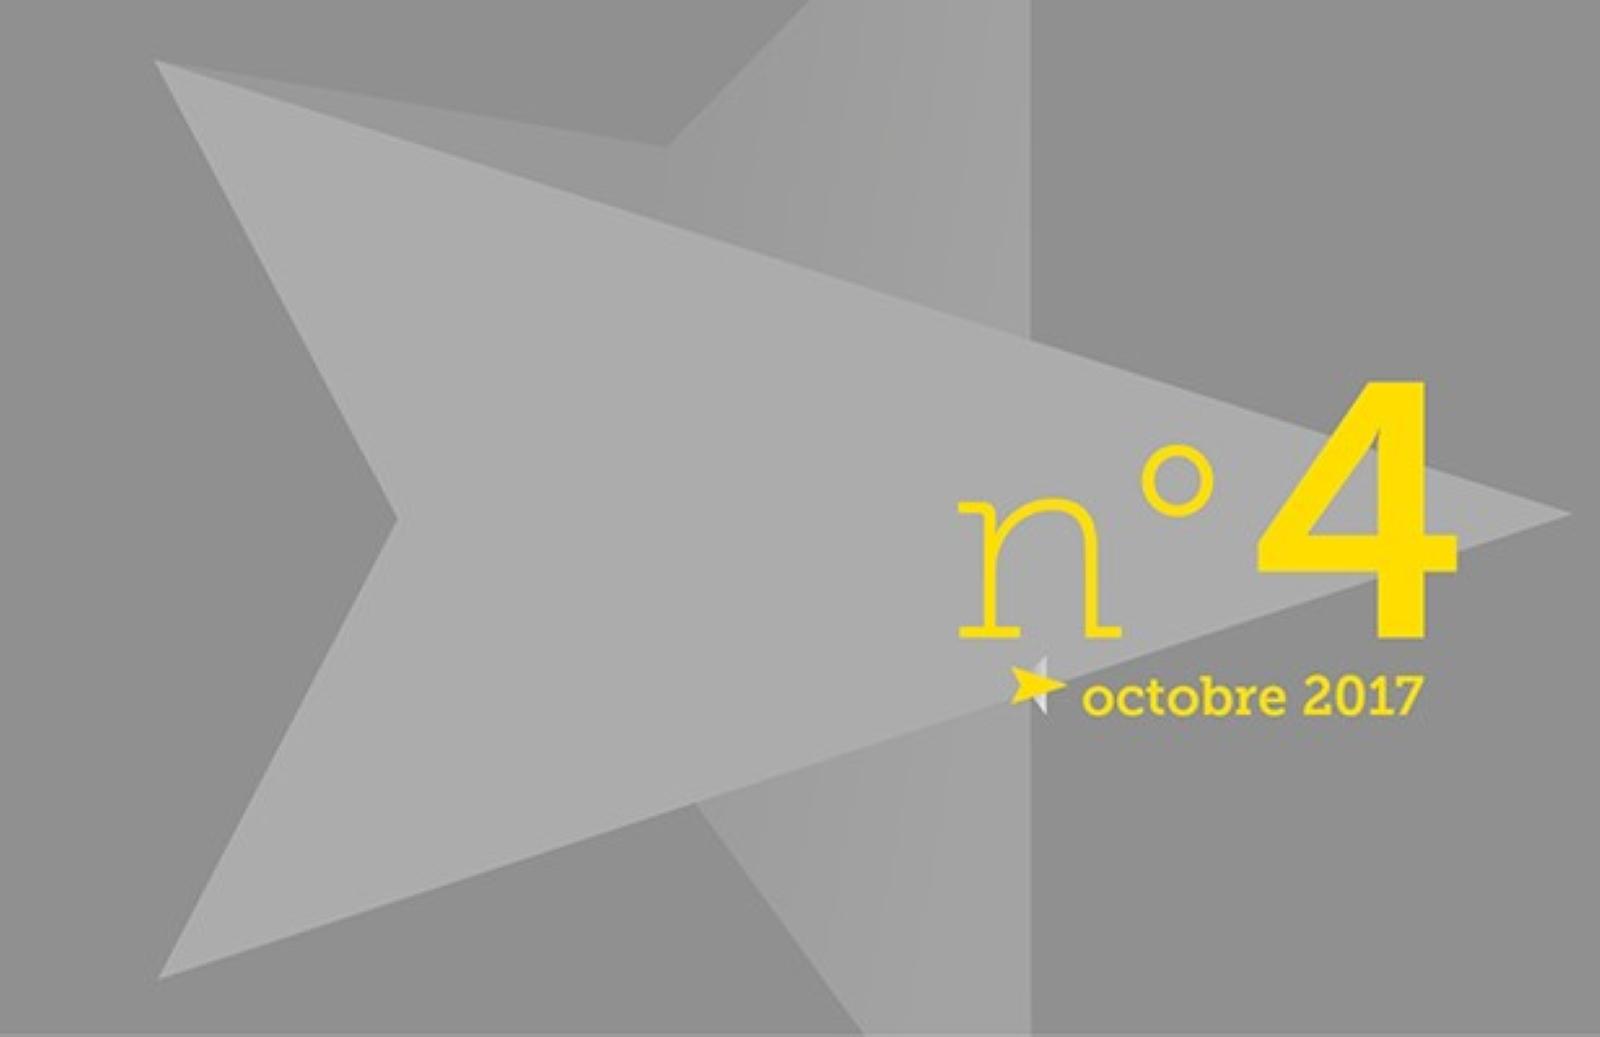 Evènement – Rendez-vous le 24 octobre 2017